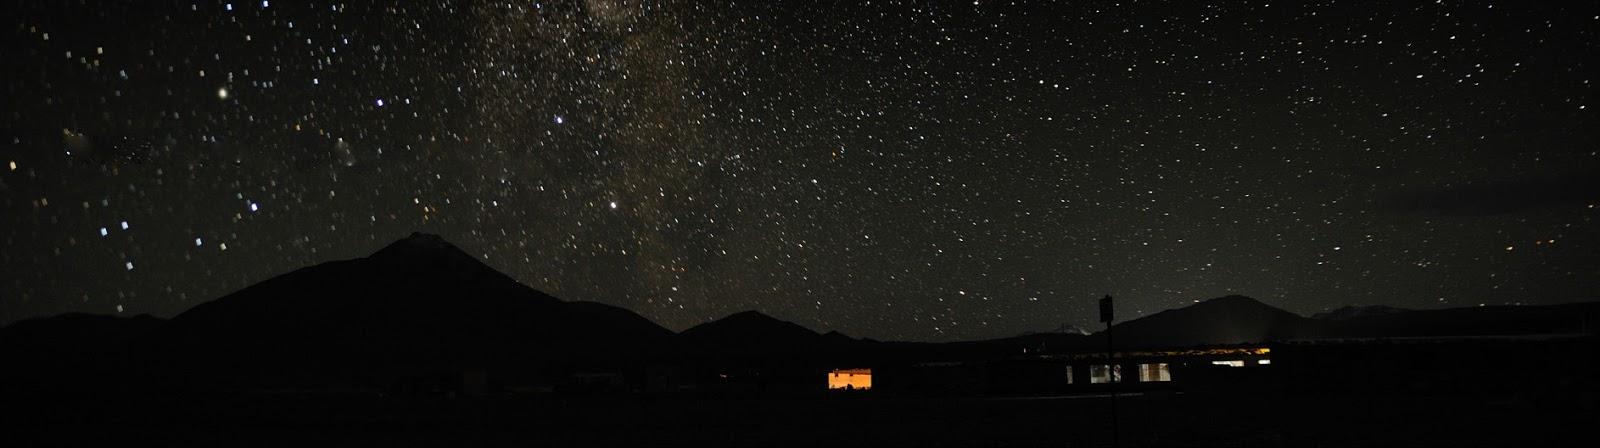 yıldızlı gök resmi ile ilgili görsel sonucu